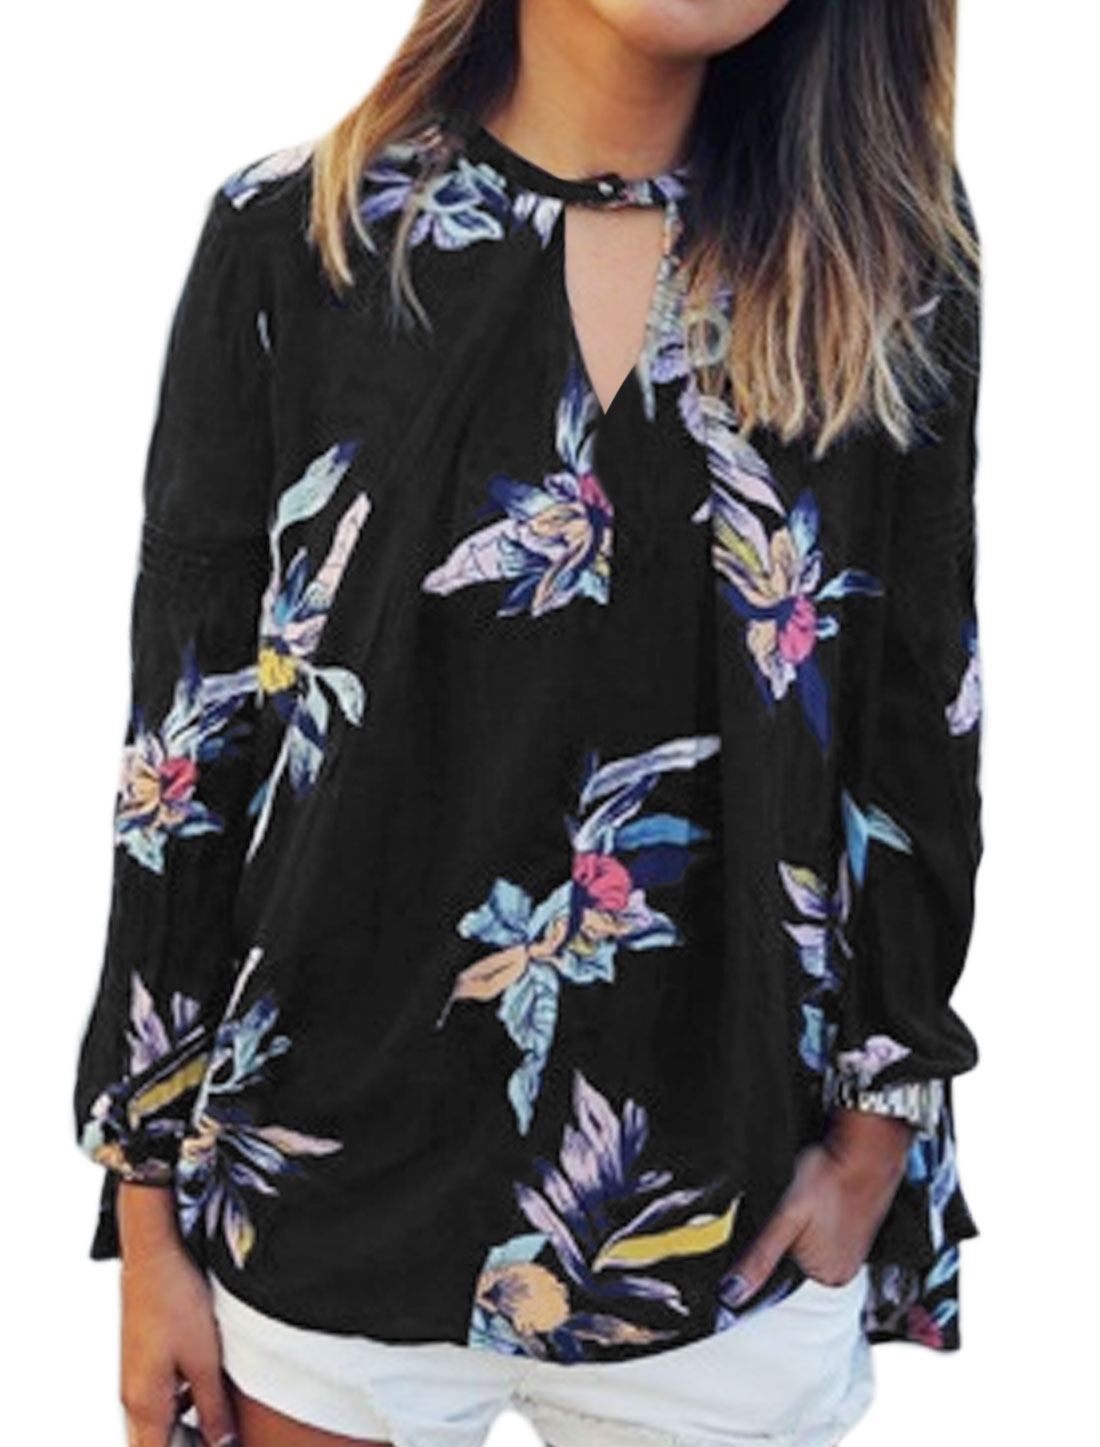 Women Loose Floral Print High Low Hem Chiffon Blouse Black XS